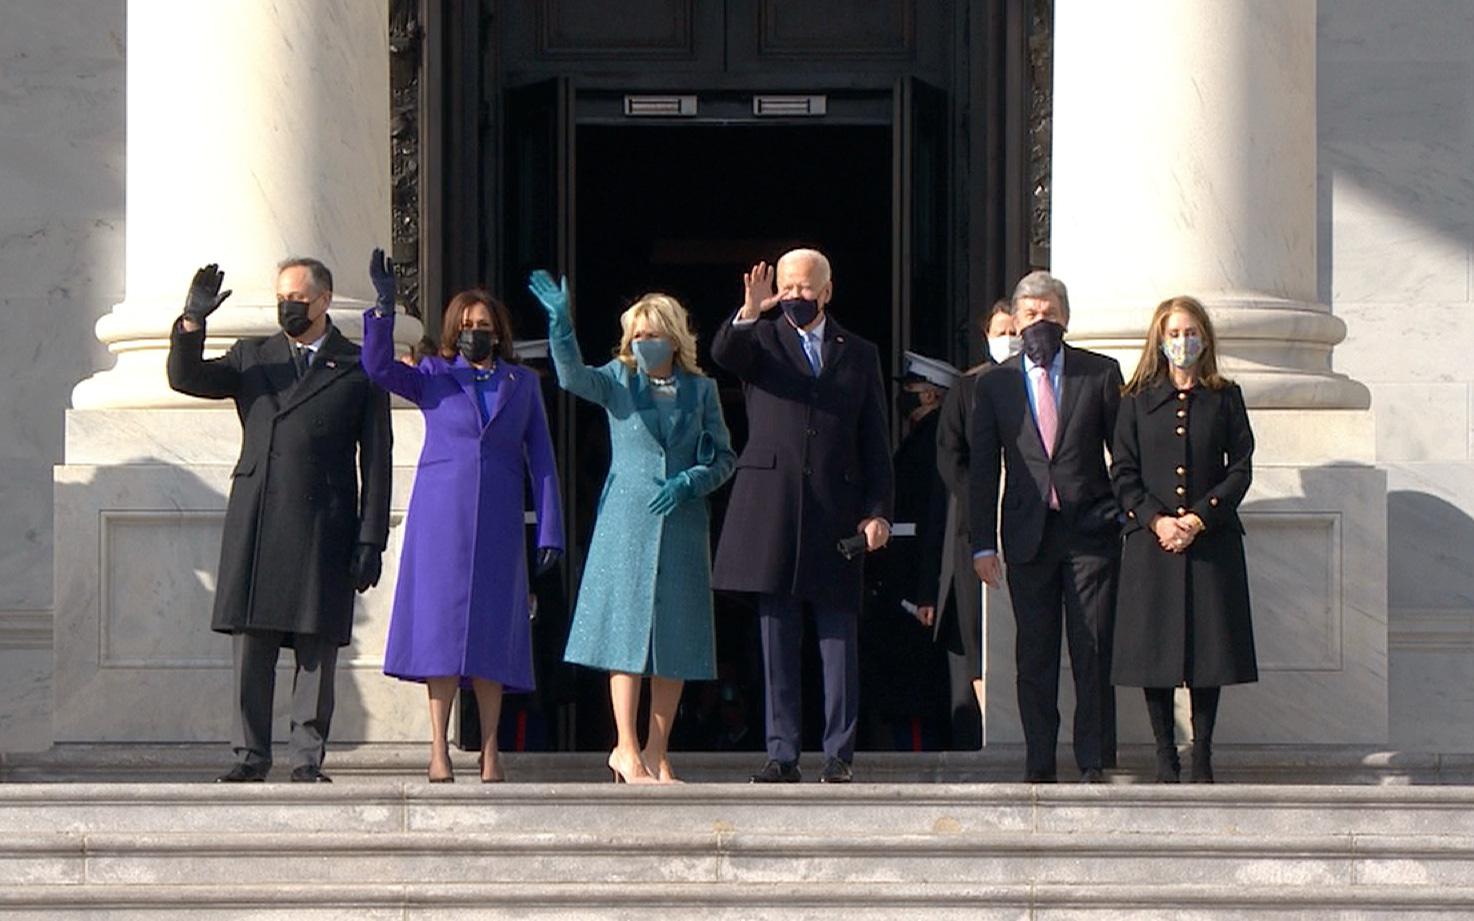 """[Cập nhật]: Air Force One cất cánh đưa ông Trump rời Washington D.C, ông Joe Biden tuyên bố """"Một ngày mới ở nước Mỹ"""""""